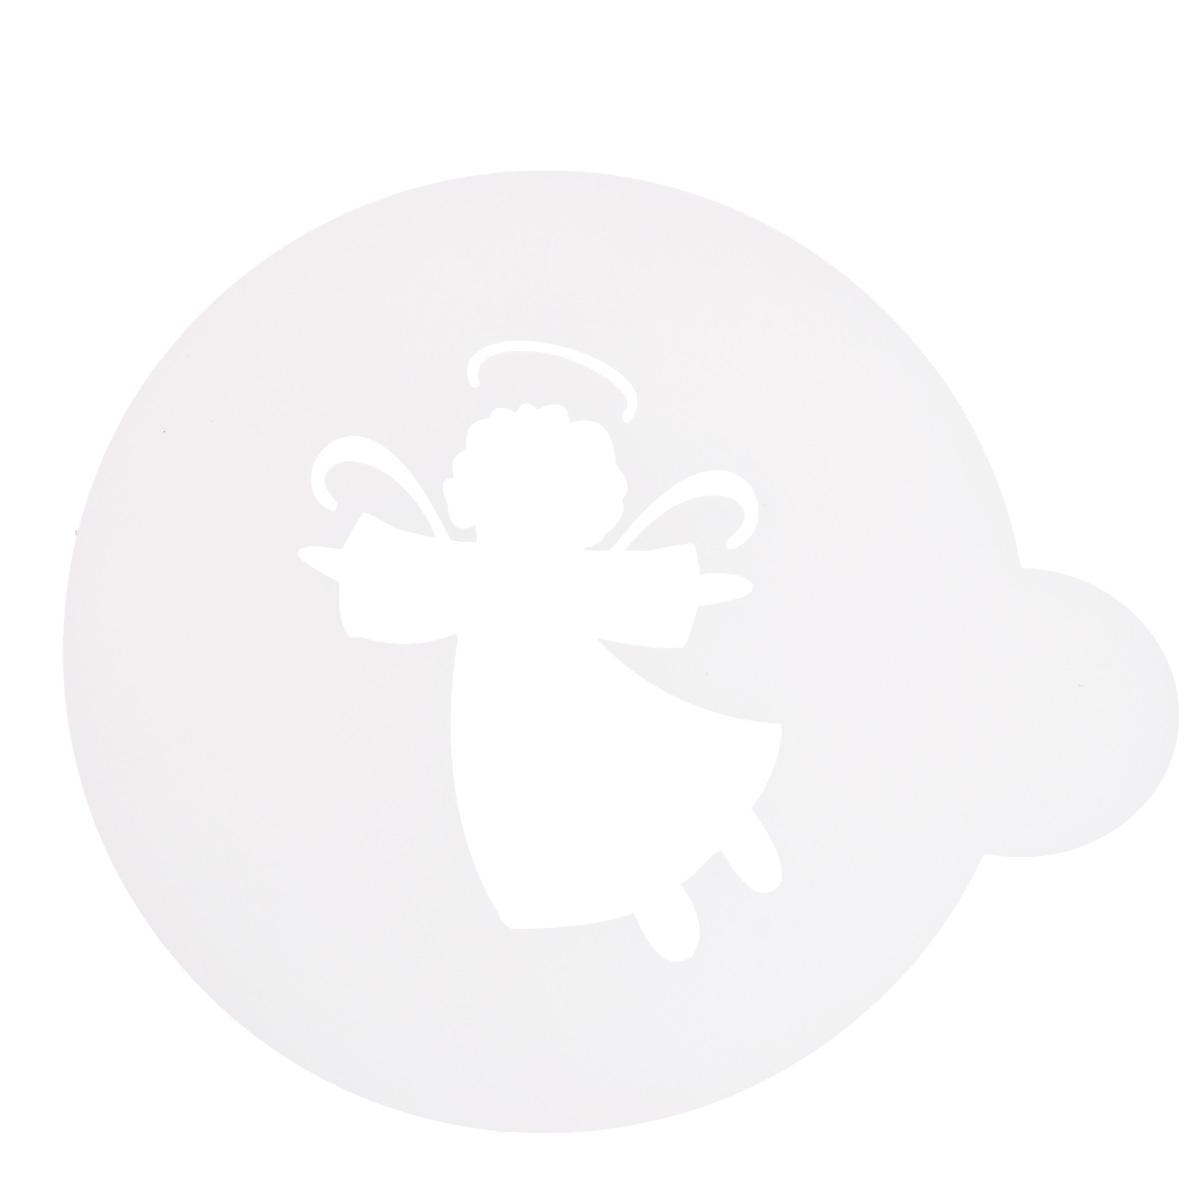 Трафарет на кофе и десерты Леденцовая фабрика Ангел, диаметр 10 смТ01Трафарет представляет собой пластину с прорезями, через которые пищевая краска (сахарная пудра, какао, шоколад, сливки, корица, дробленый орех) наносится на поверхность кофе, молочных коктейлей, десертов. Трафарет изготовлен из матового пищевого пластика 250 мкм и пригоден для контакта с пищевыми продуктами. Трафарет многоразовый. Побалуйте себя и ваших близких красиво оформленным кофе.